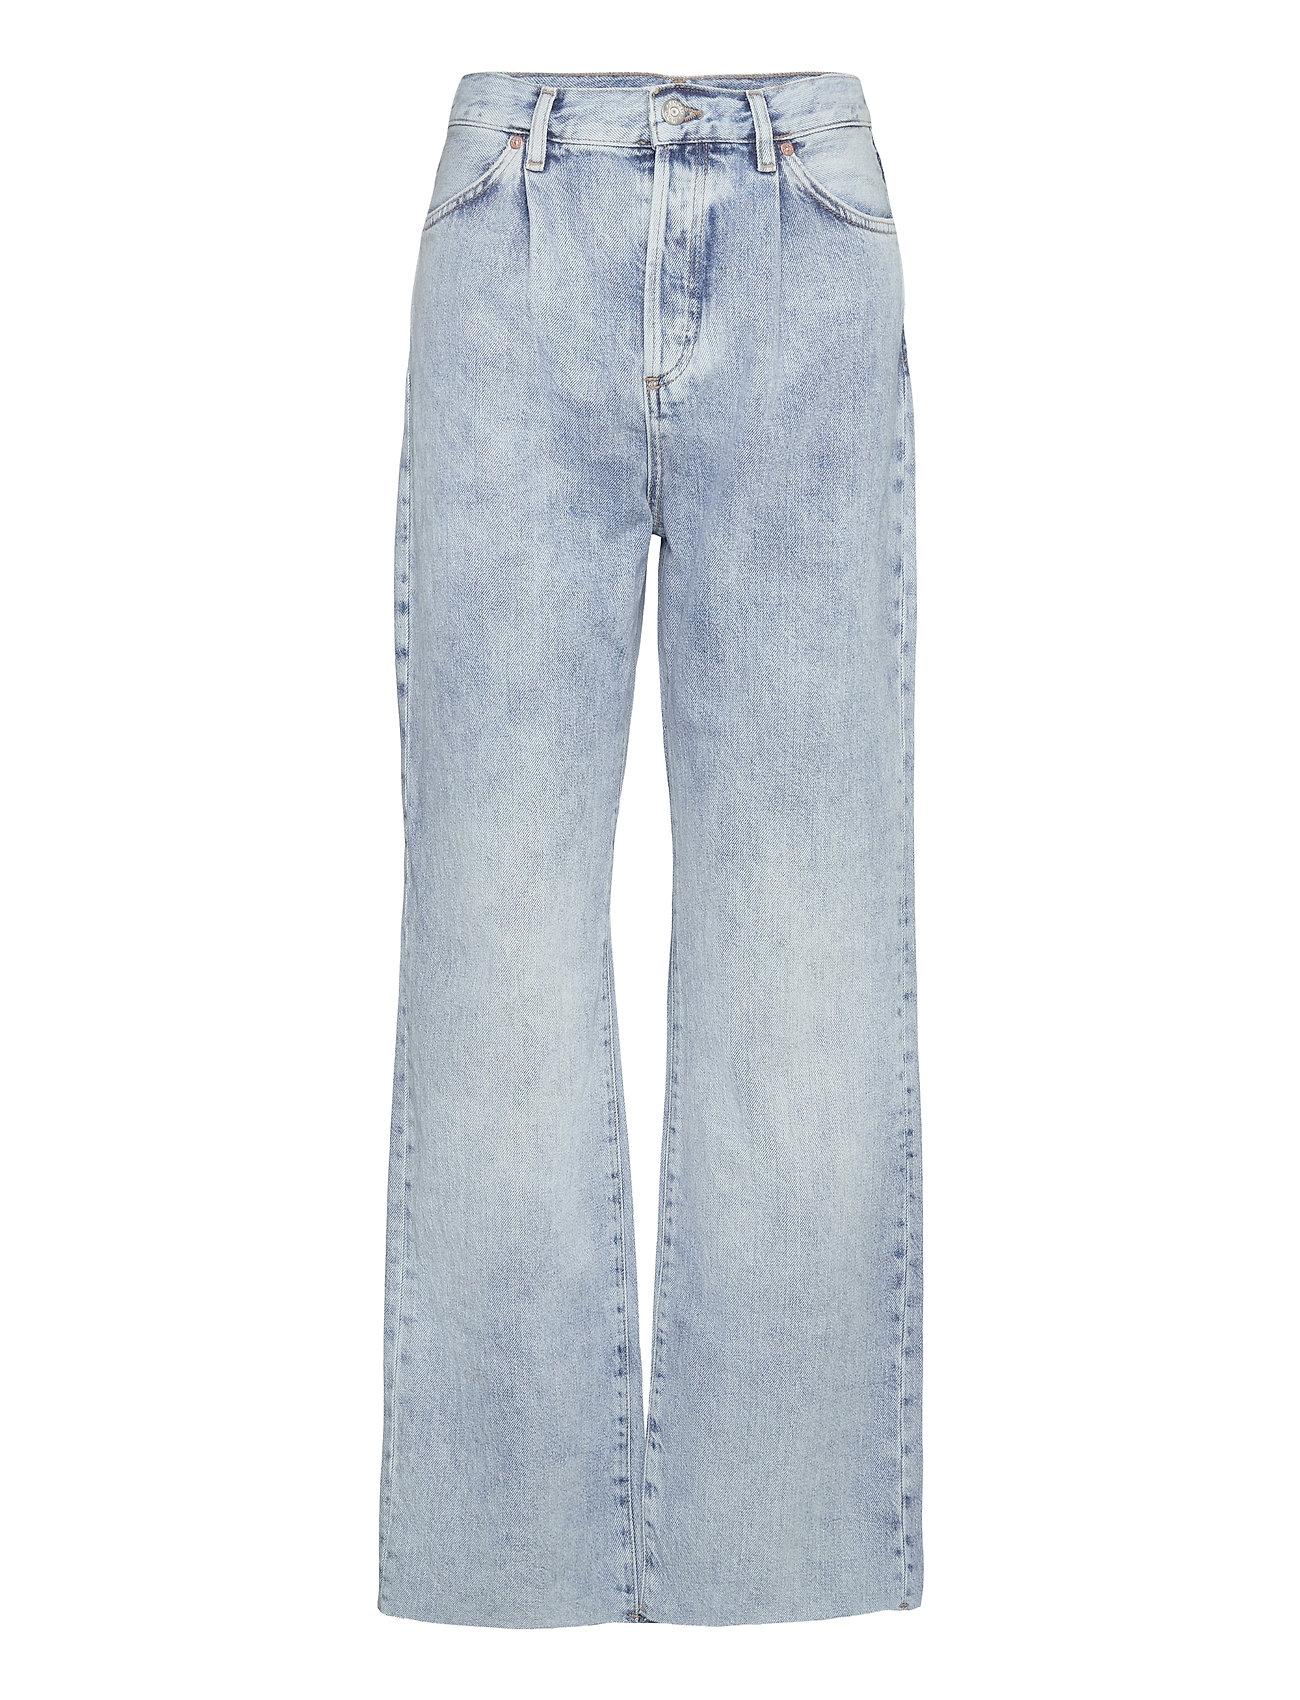 Image of Daniela Vide Jeans Blå Mango (3465460861)